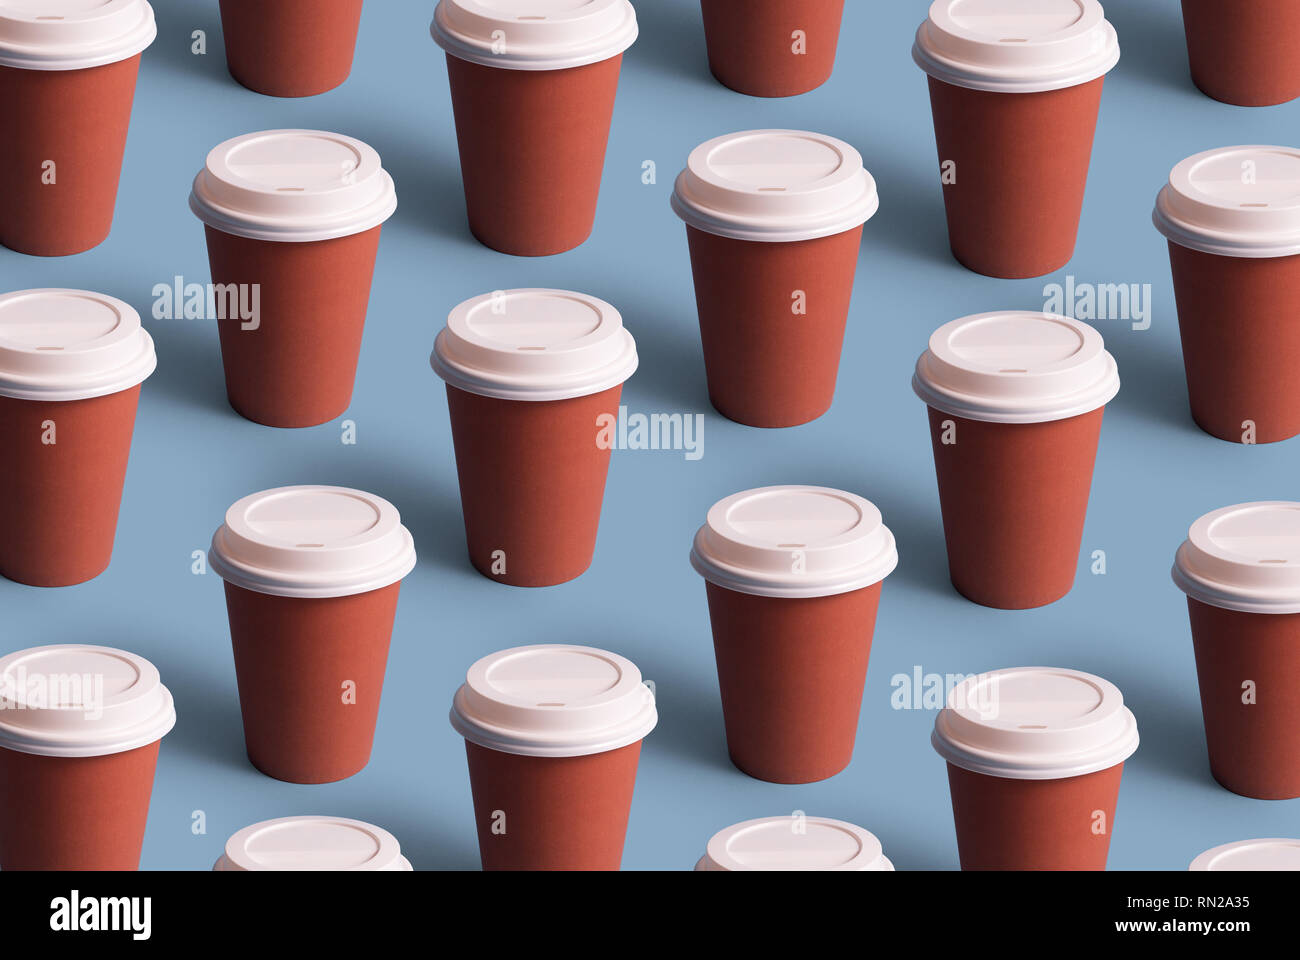 Tasses à café jetables organisé en une ligne sur fond bleu Banque D'Images